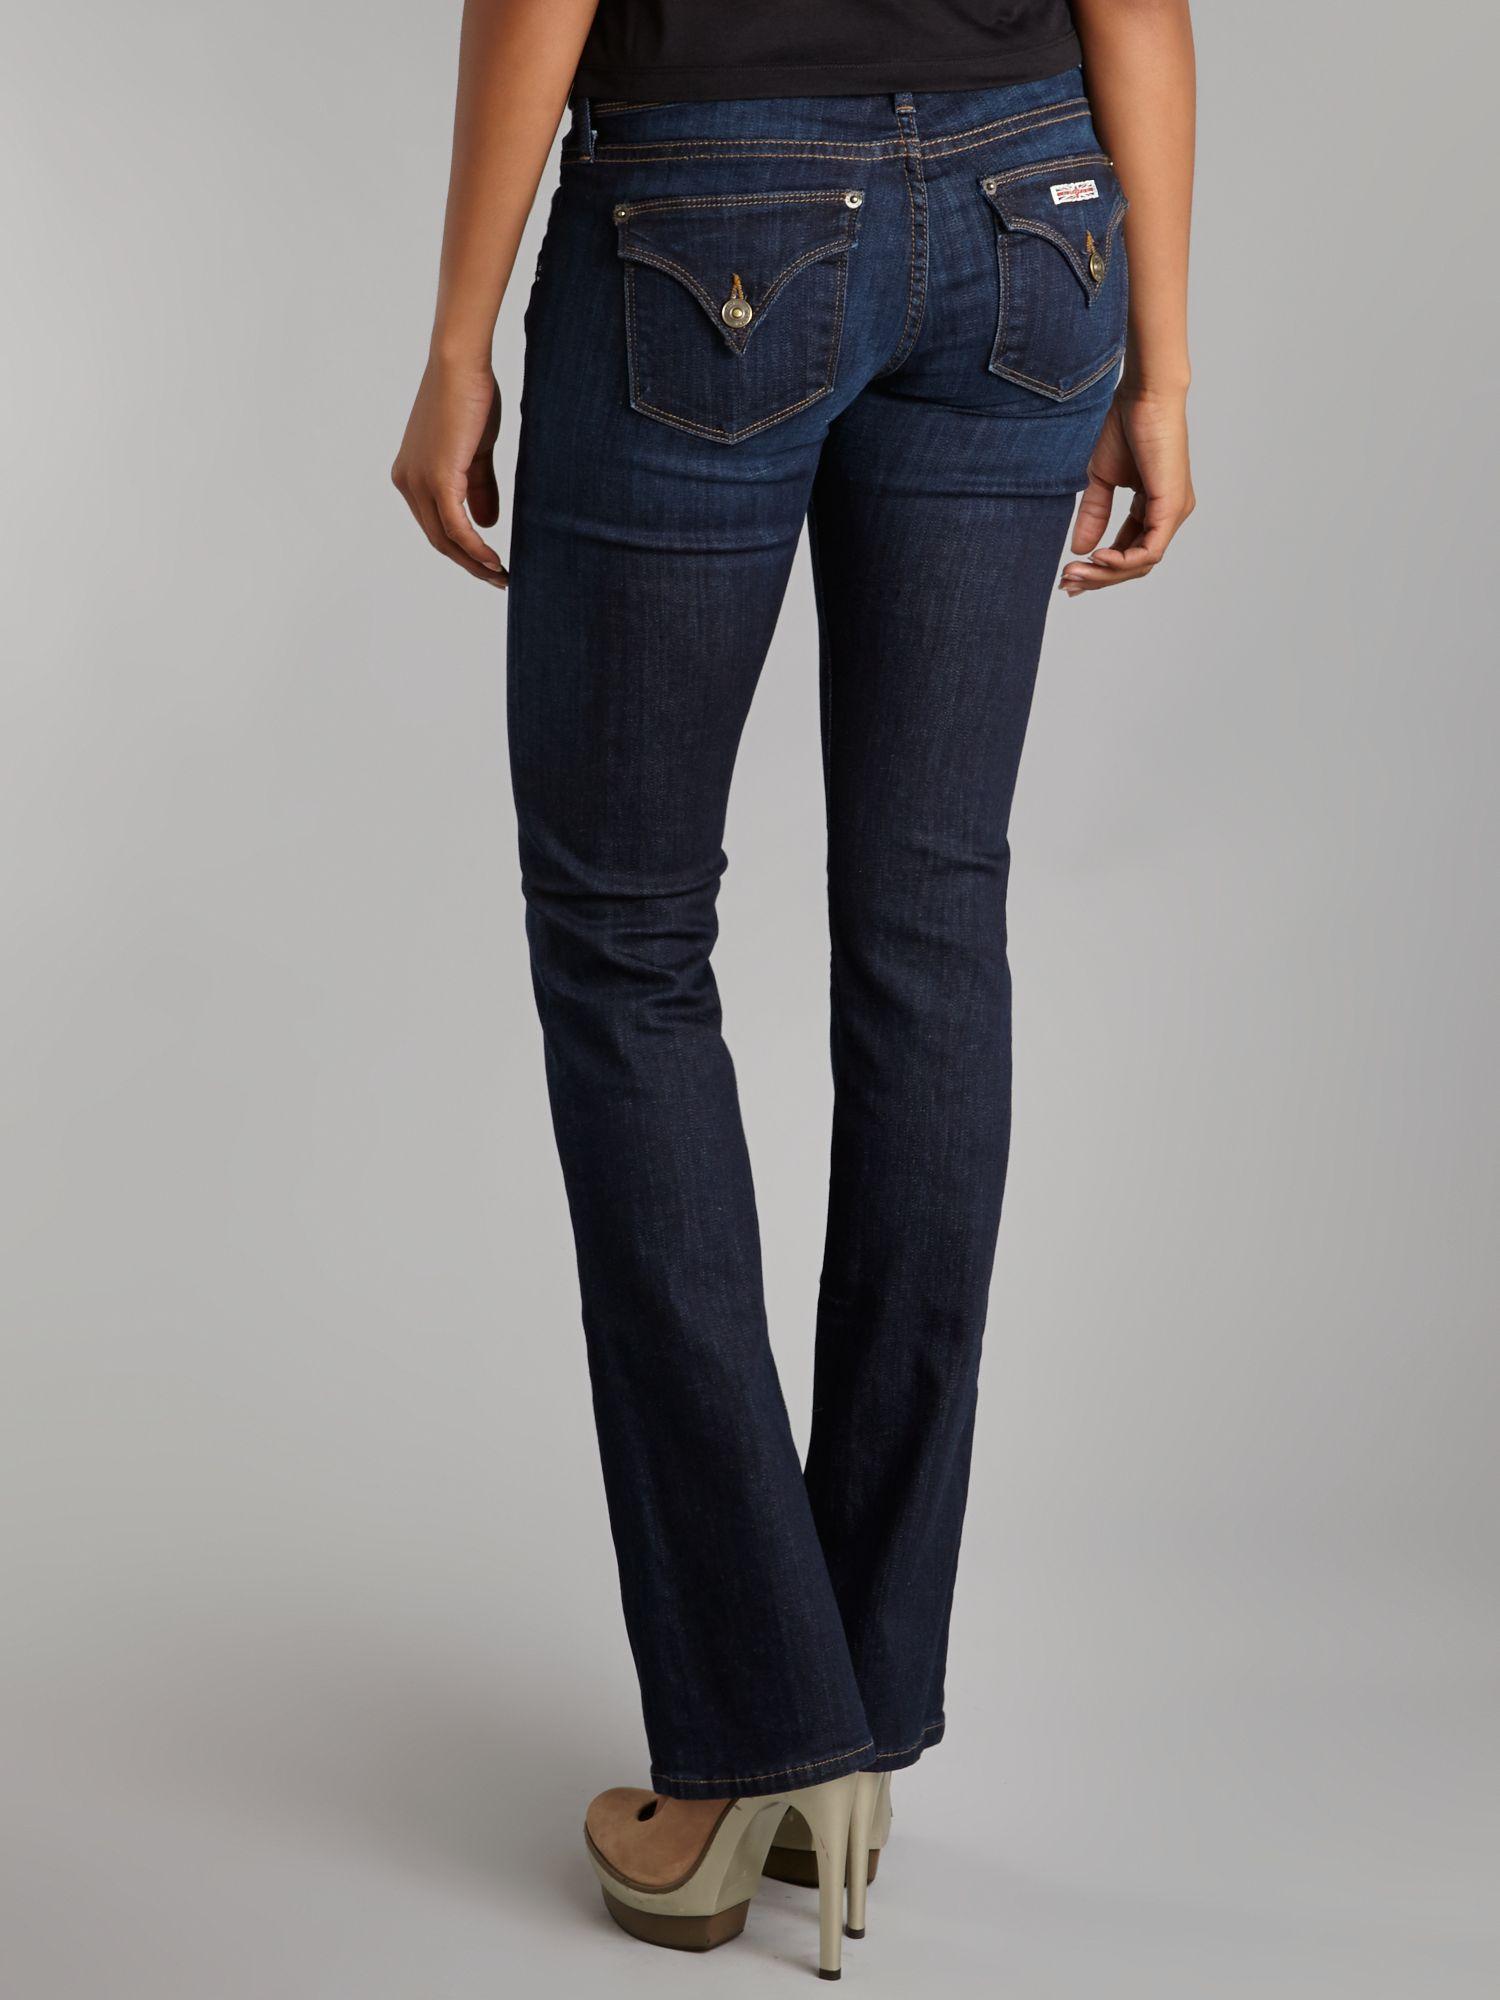 Hudson jeans Beth Baby Bootcut Jeans In Rhea in Blue  Lyst